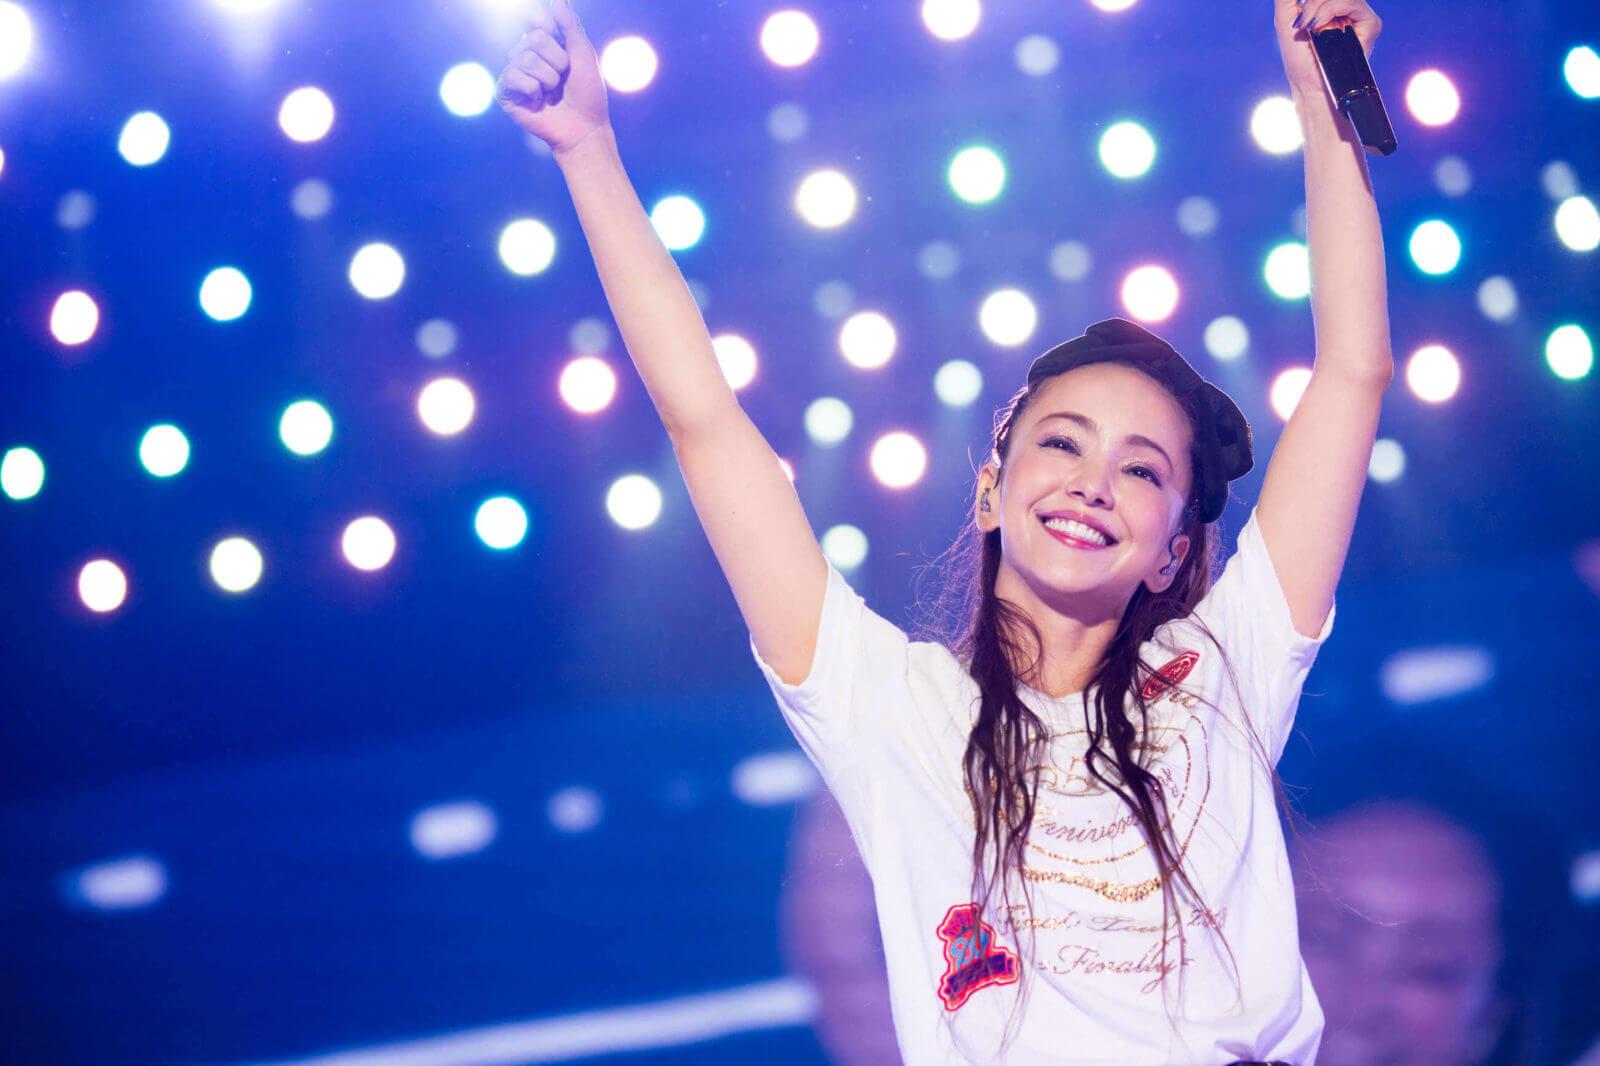 安室奈美恵、引退まで残り7日!ネットでは「大事な1週間」の声サムネイル画像